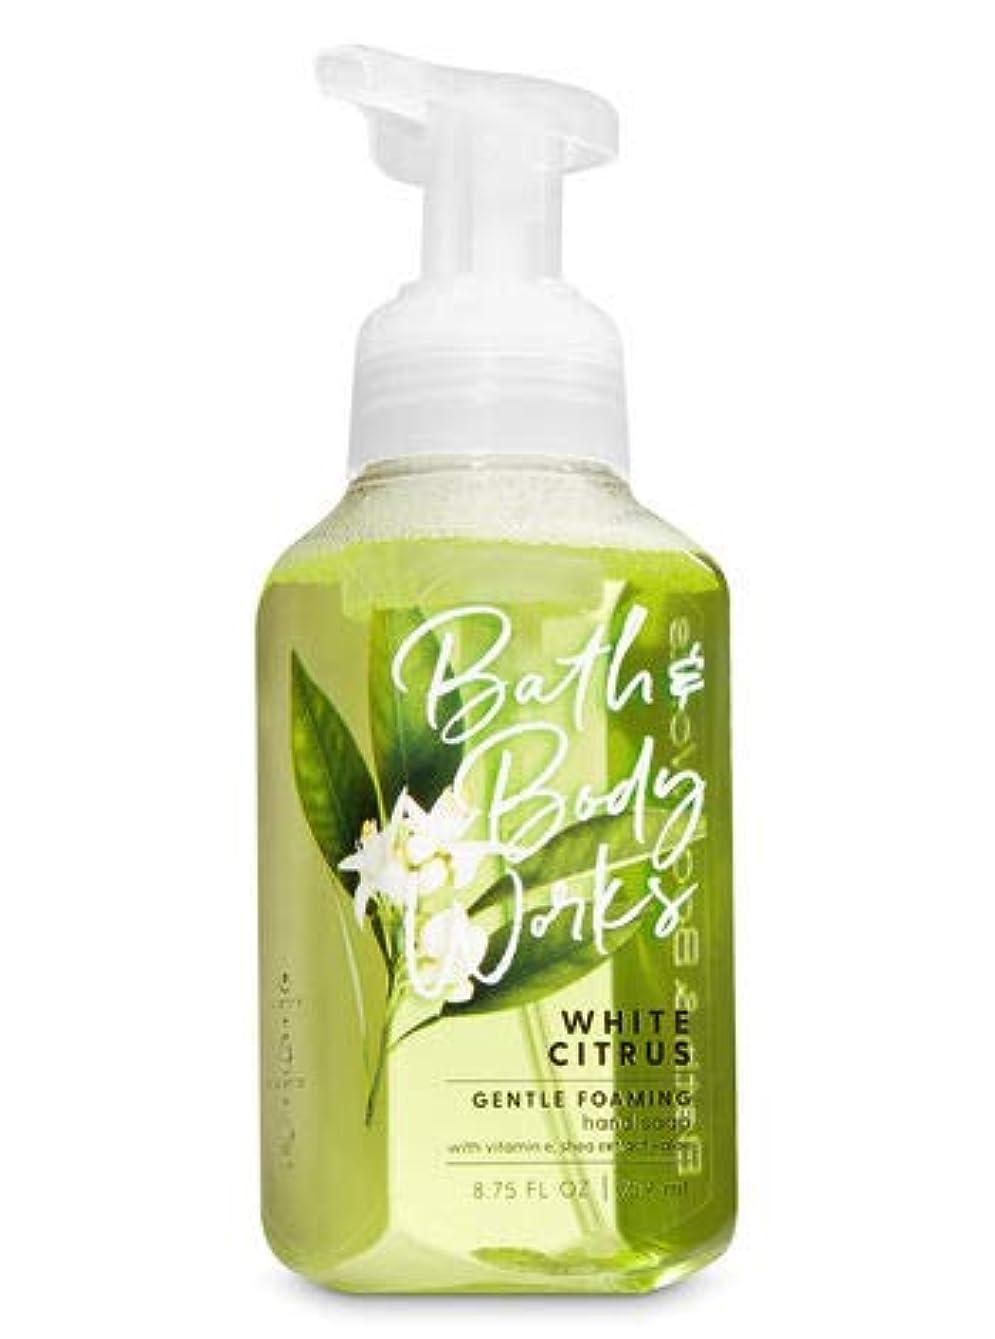 財政クールクールバス&ボディワークス ホワイトシトラス ジェントル フォーミング ハンドソープ White Citrus Gentle Foaming Hand Soap